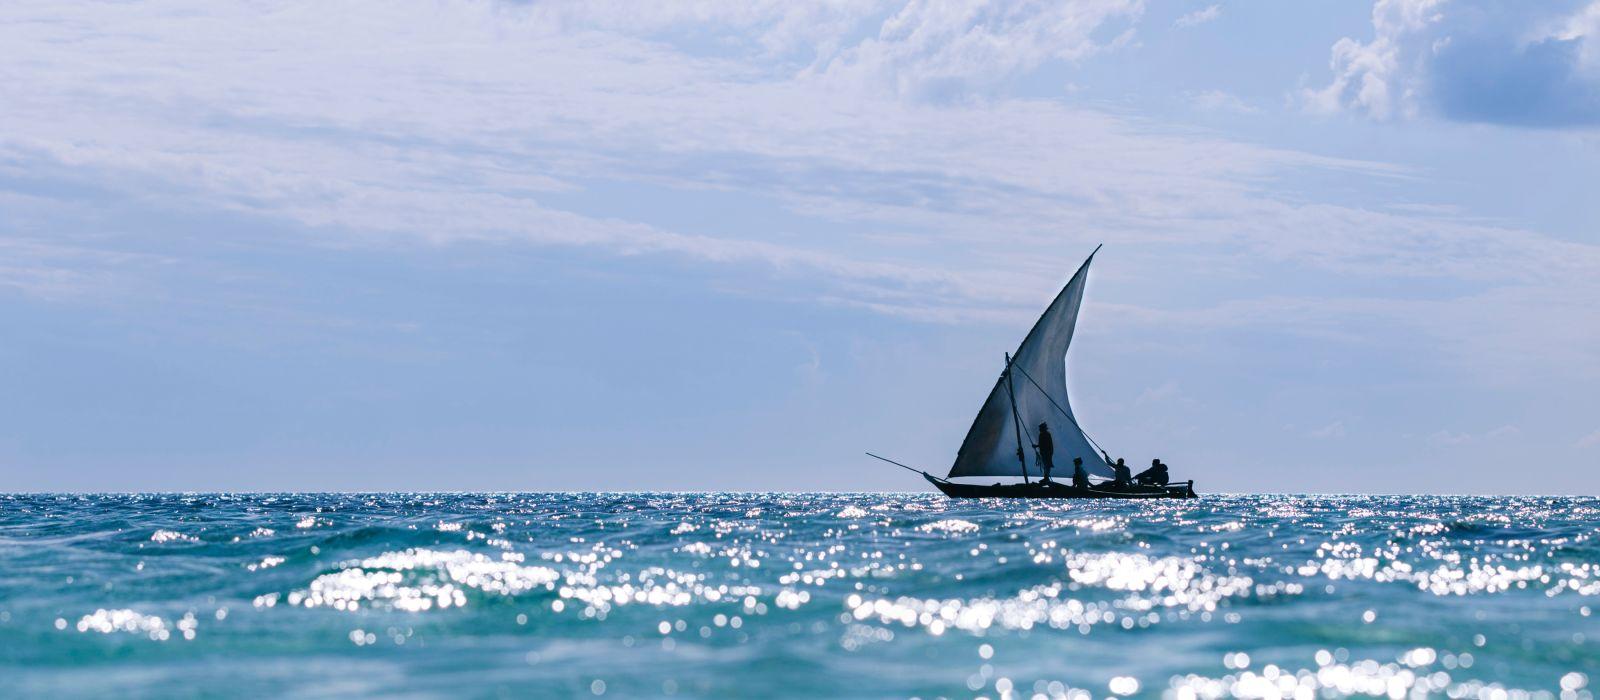 Hölzerne traditionelle Boote in Nungwi/Zanzibar/Tansania, Fischerboote